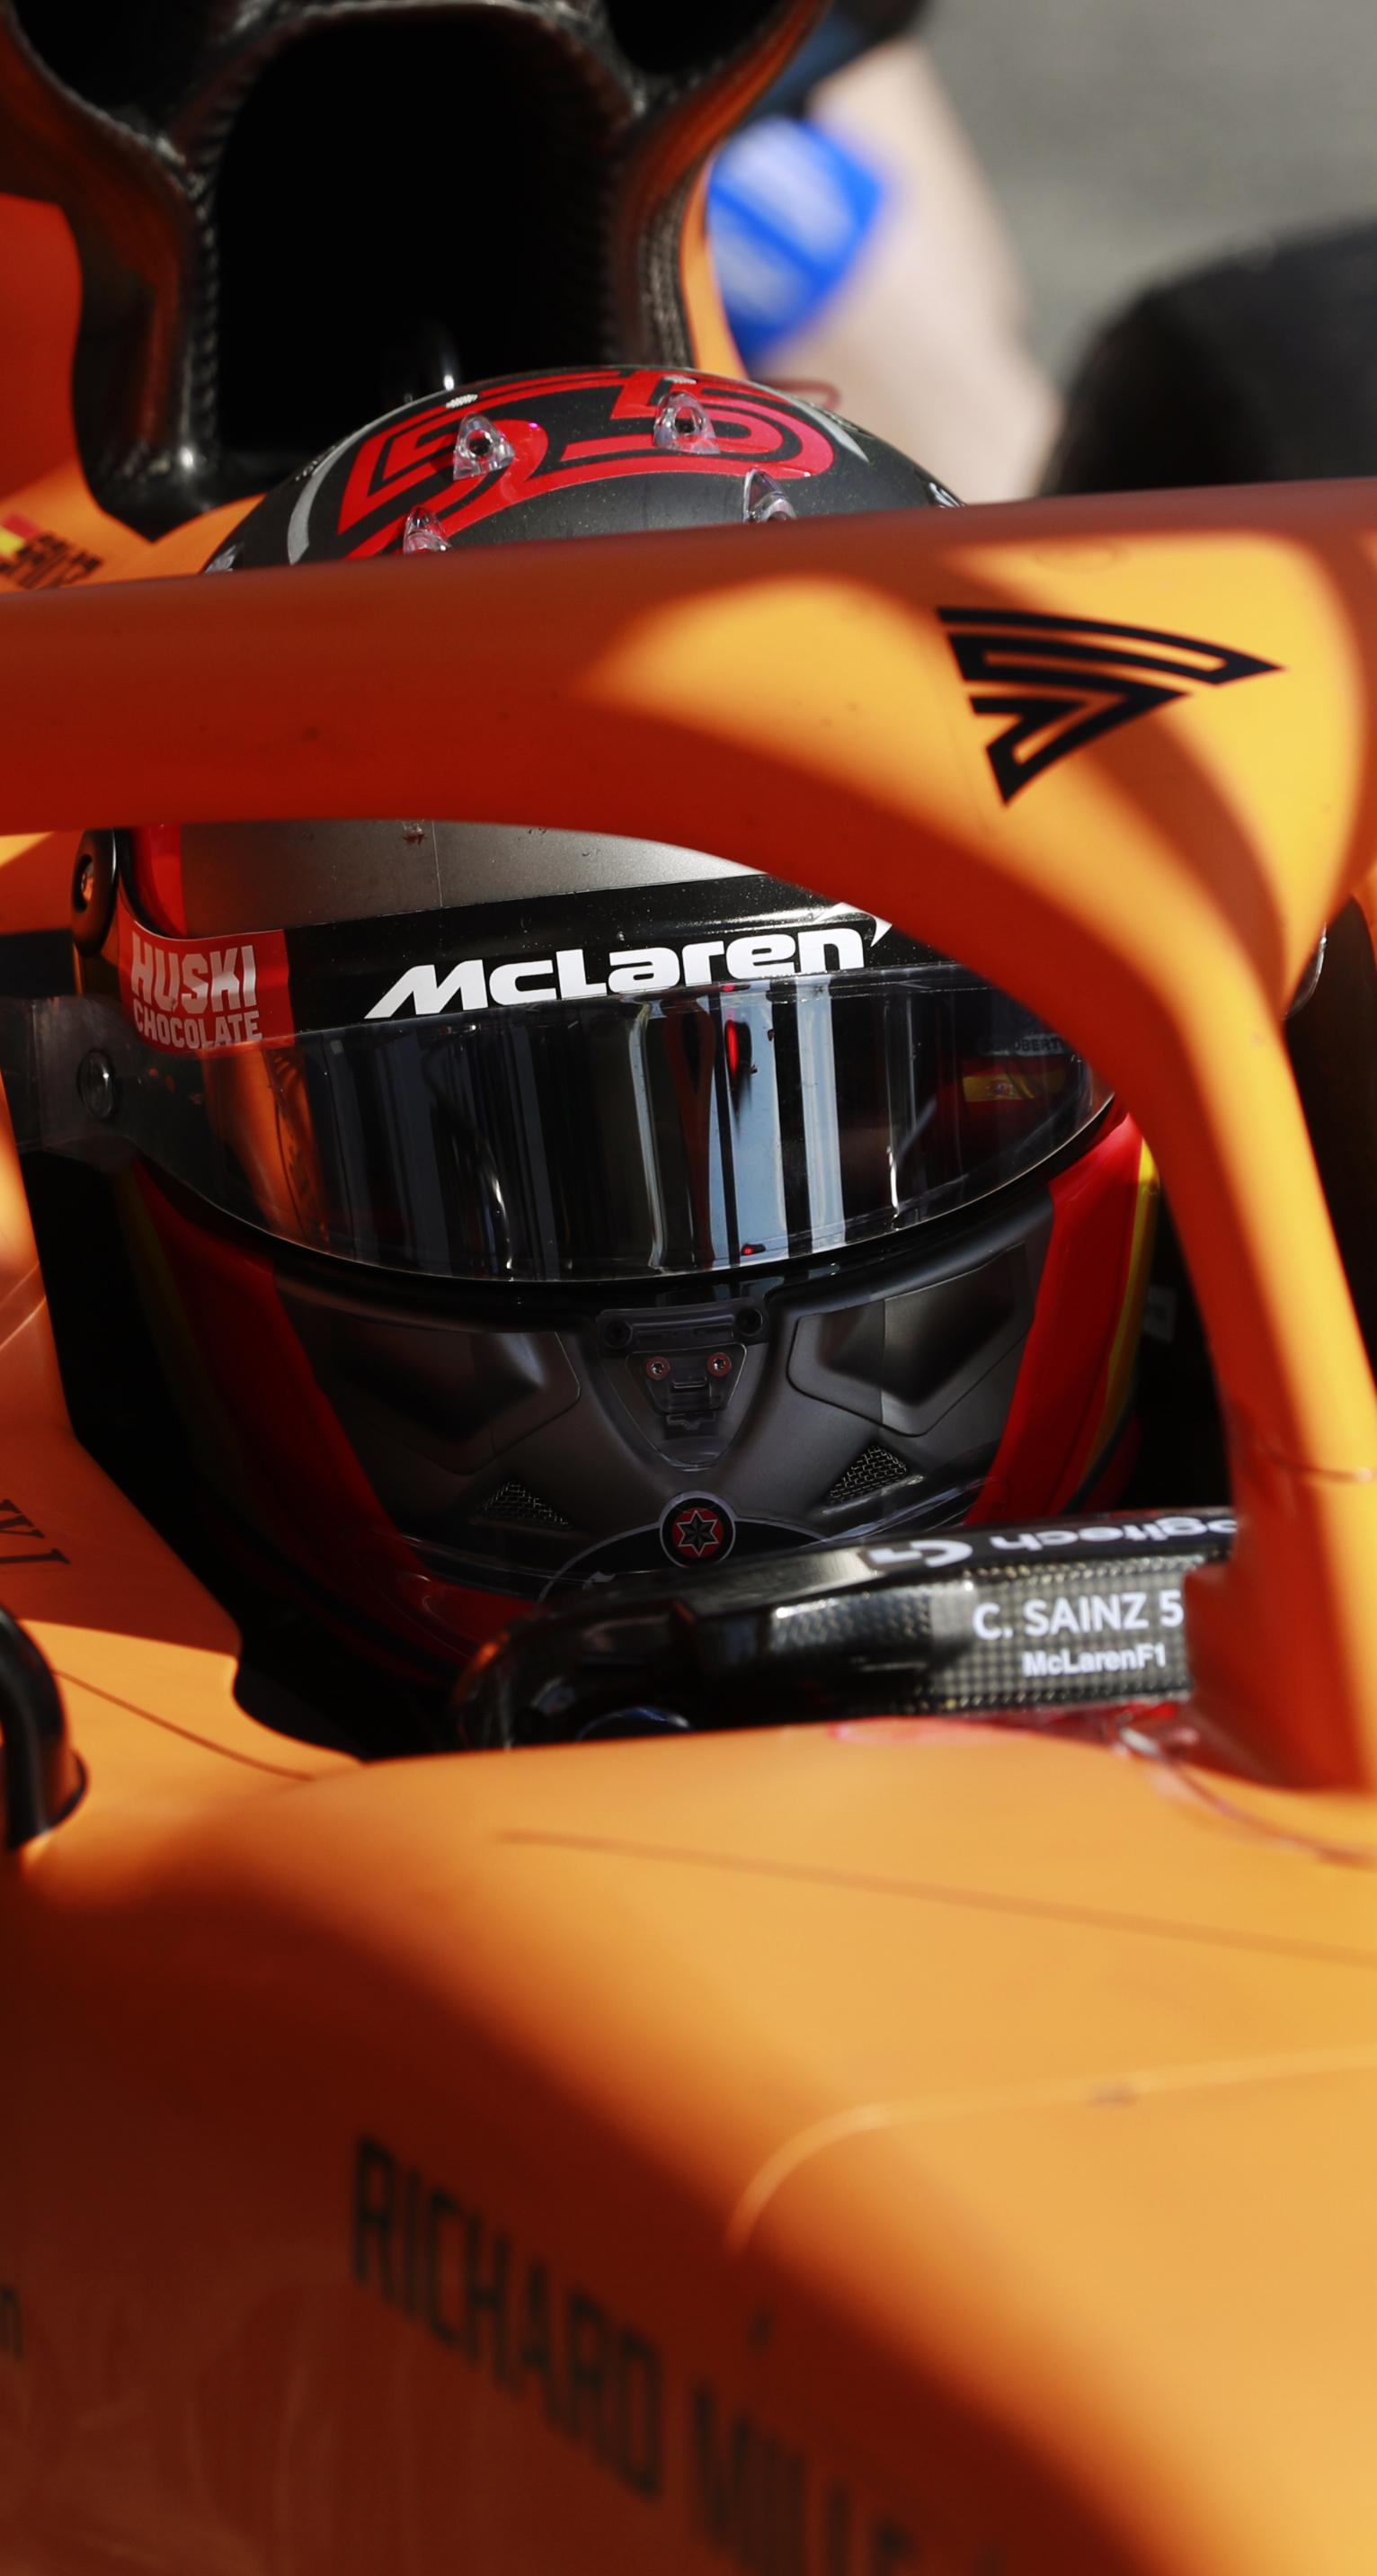 McLaren Racing Official Website 1532x2865